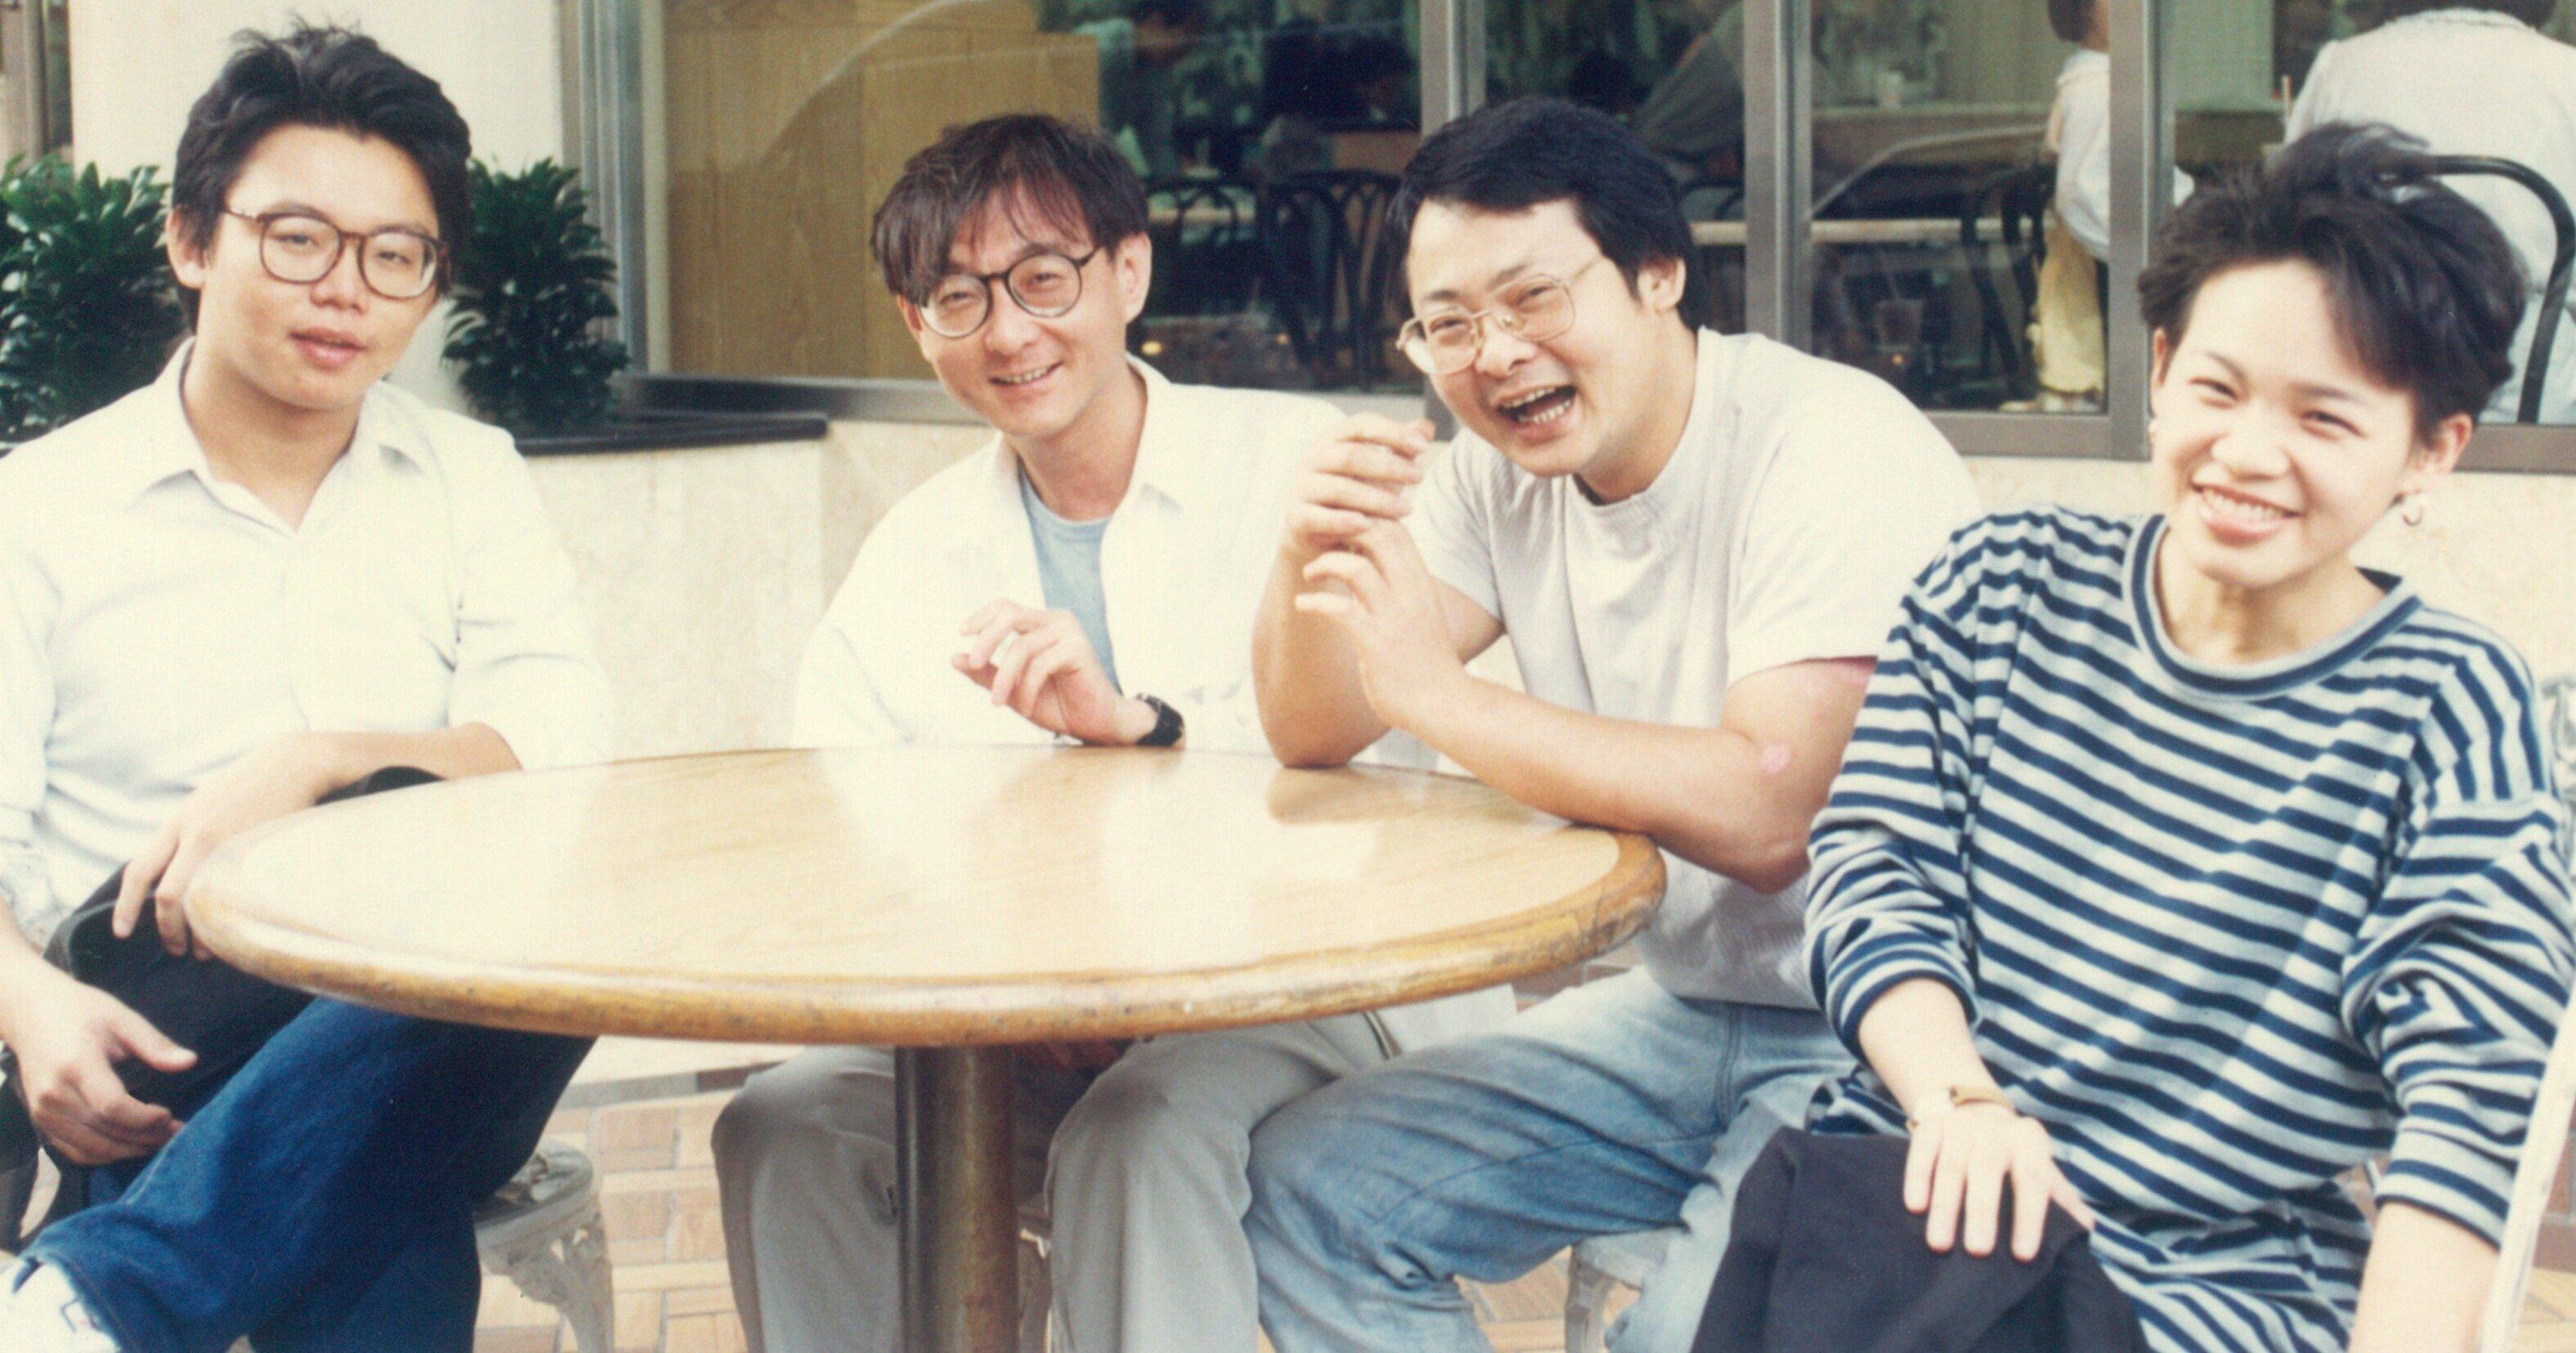 特別貢獻獎「黑名單工作室」對華語樂壇有何貢獻?這篇文解開你的黑人問號